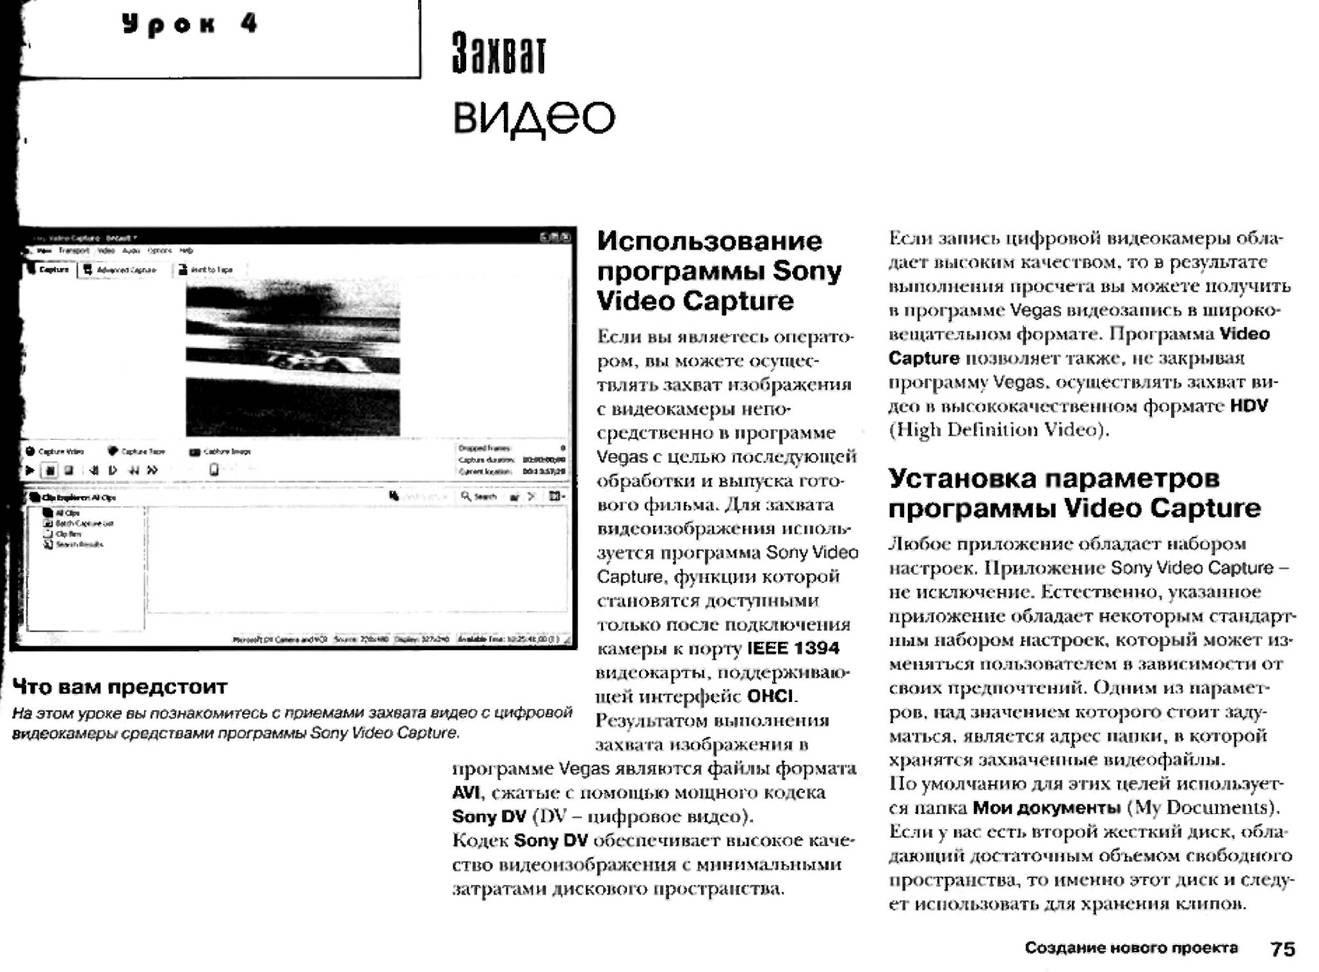 http://redaktori-uroki.3dn.ru/_ph/12/703446750.jpg